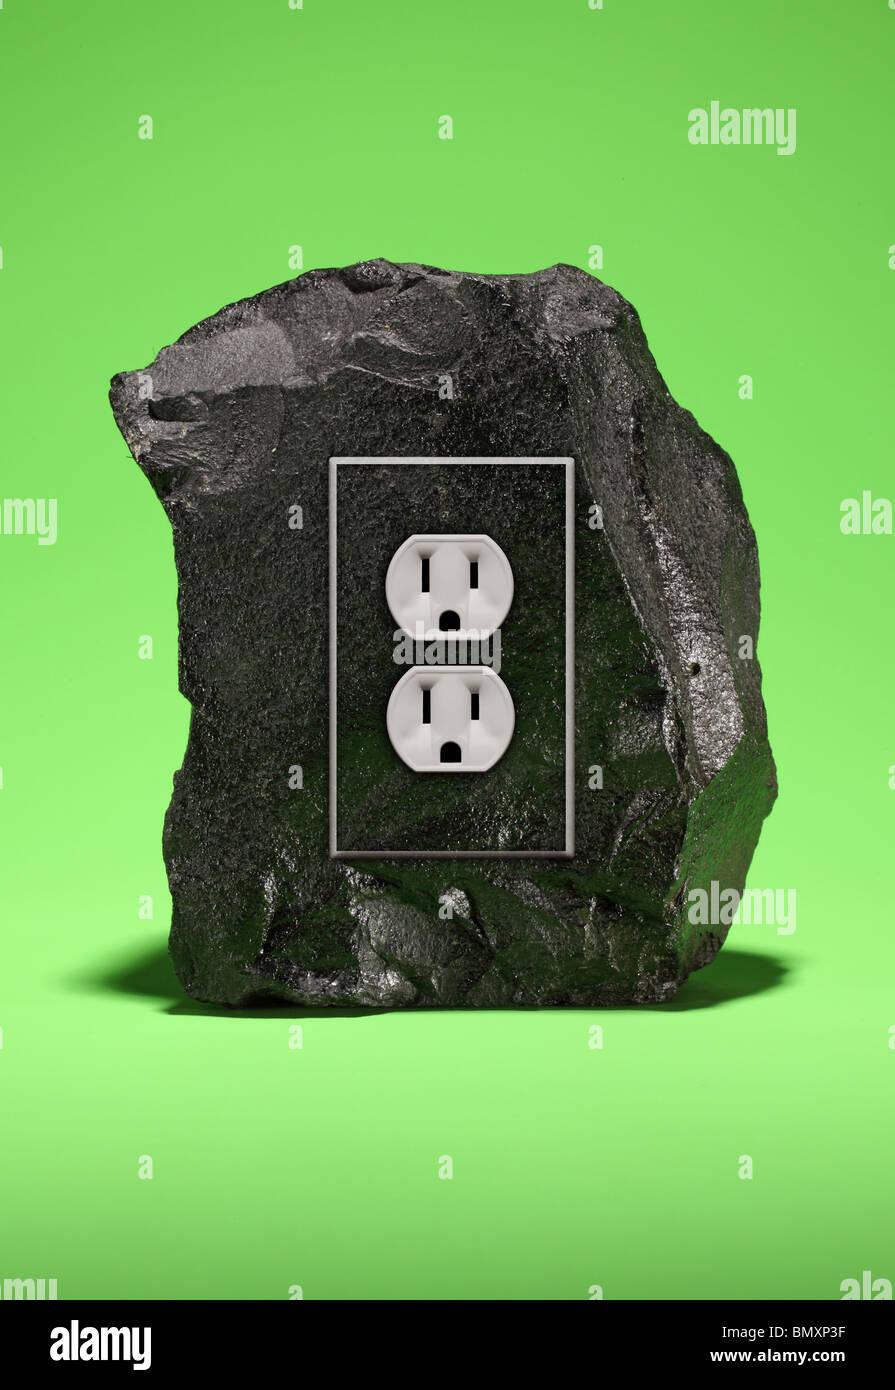 Einen großen schwarzen Klumpen Kohle durch eine elektrische Energie Outlet Befestigung auf einem hellen grünen Stockbild